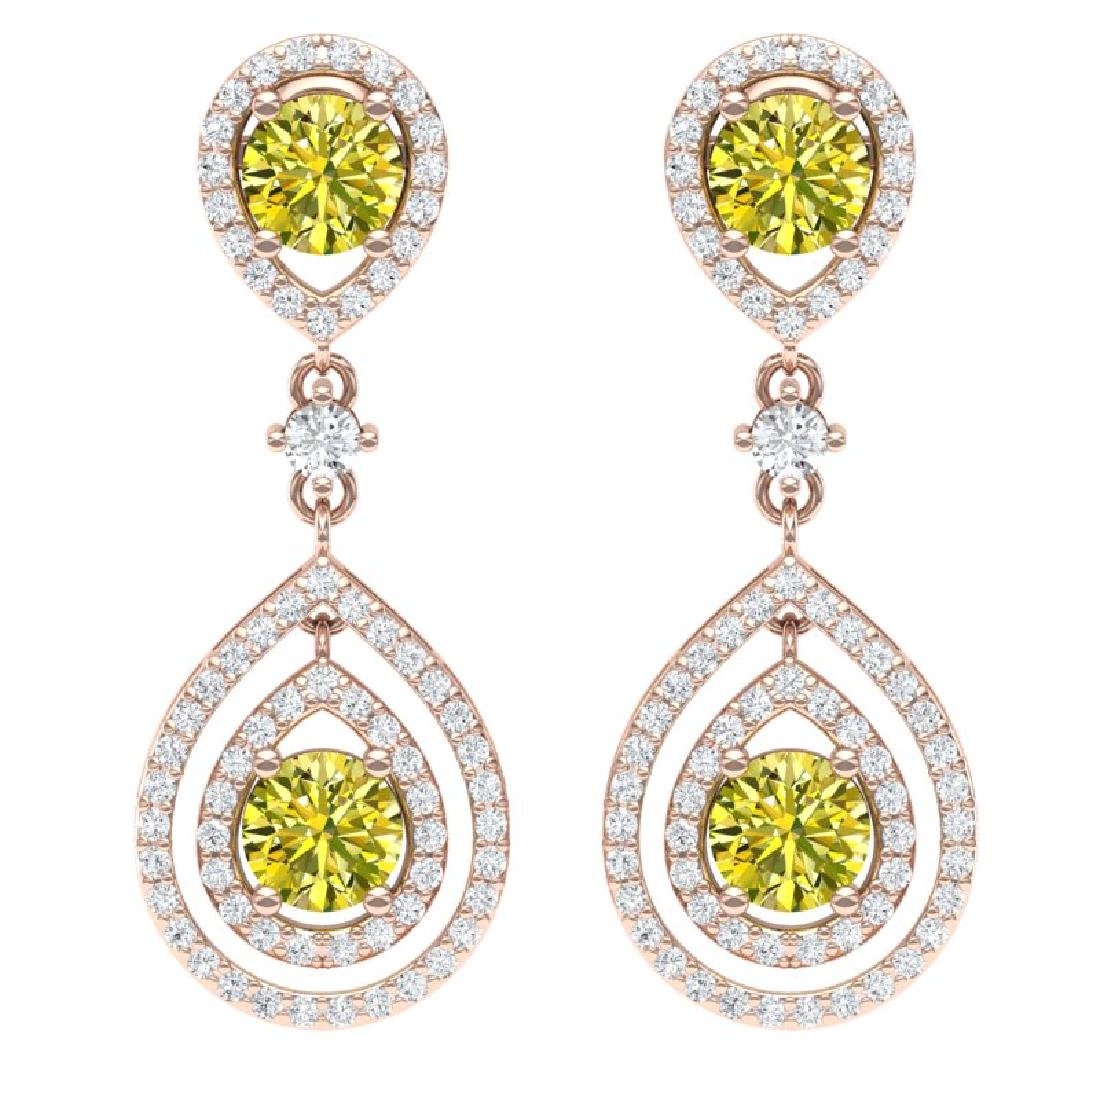 3.9 CTW Fancy Yellow SI Diamond Earrings 18K Rose Gold